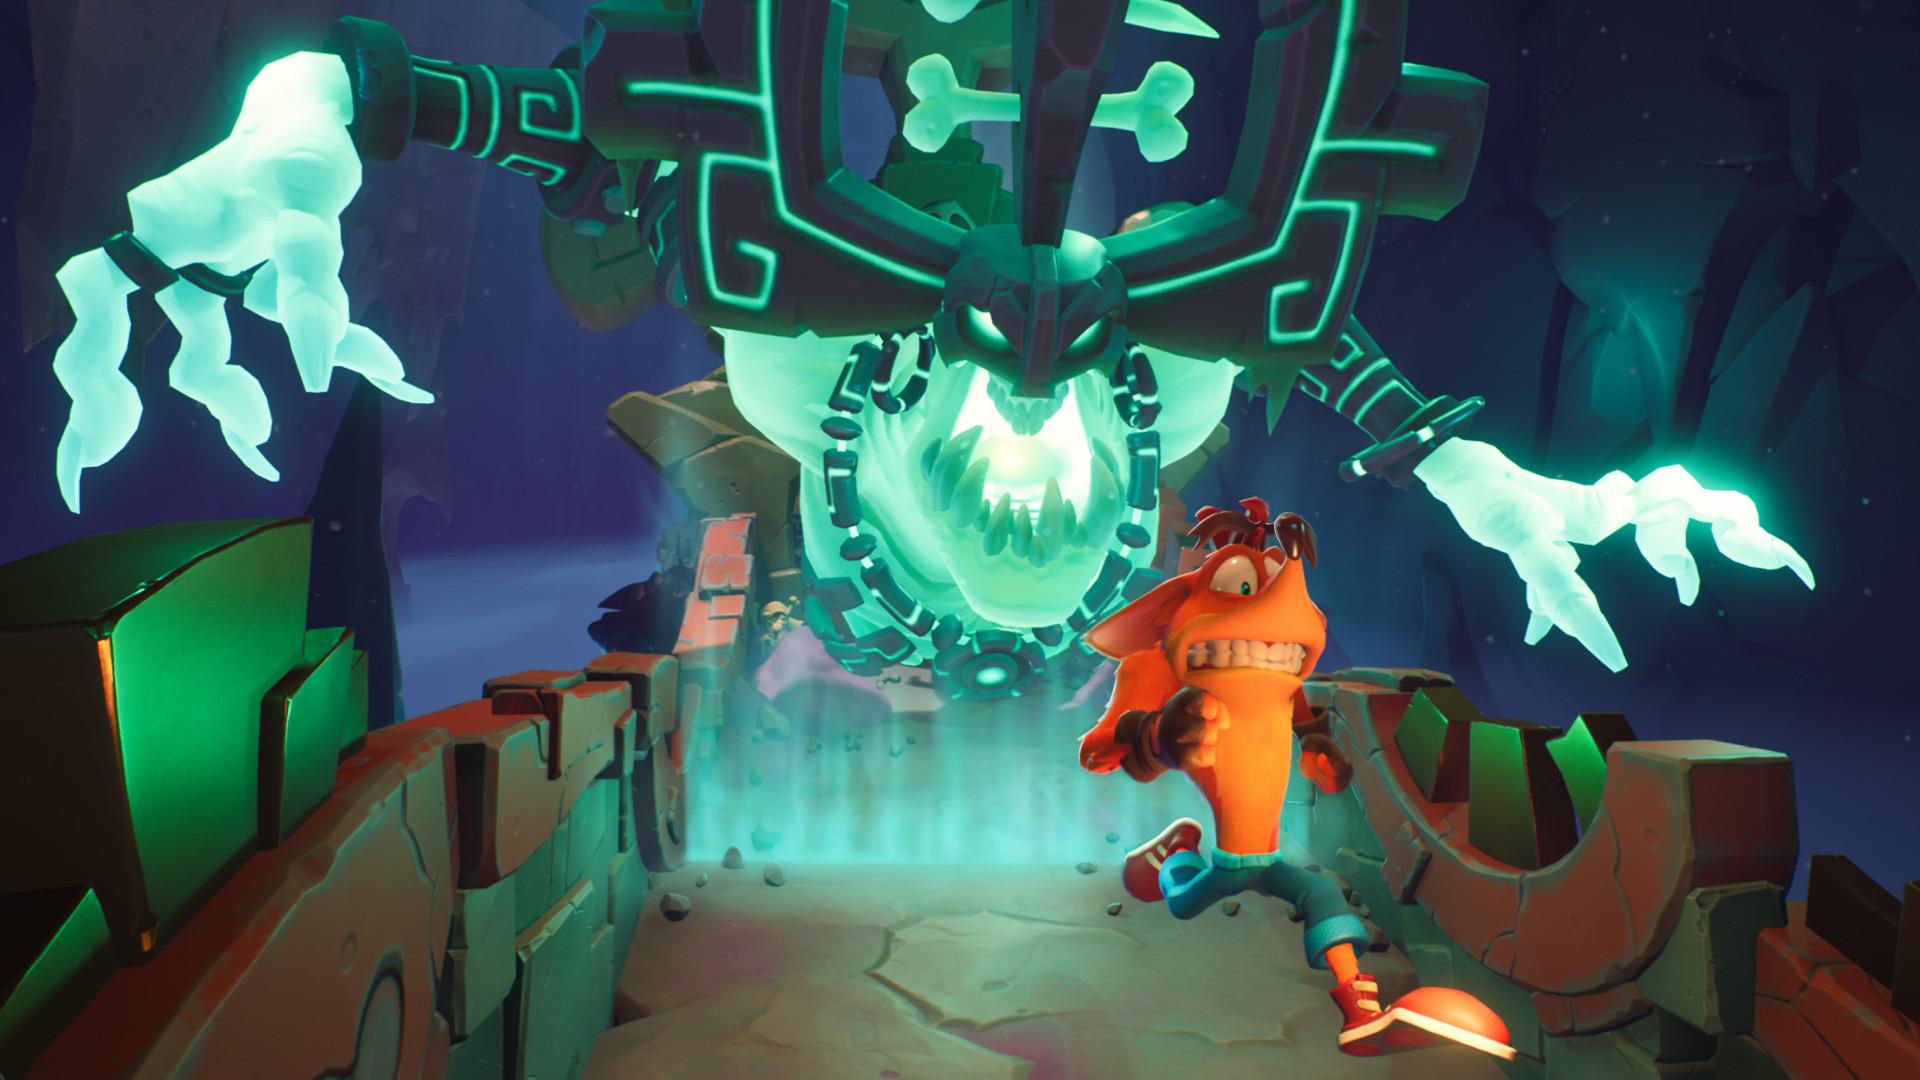 Трейлер Crash Bandicoot 4: It's About Time — игра выйдет 2 октября 4